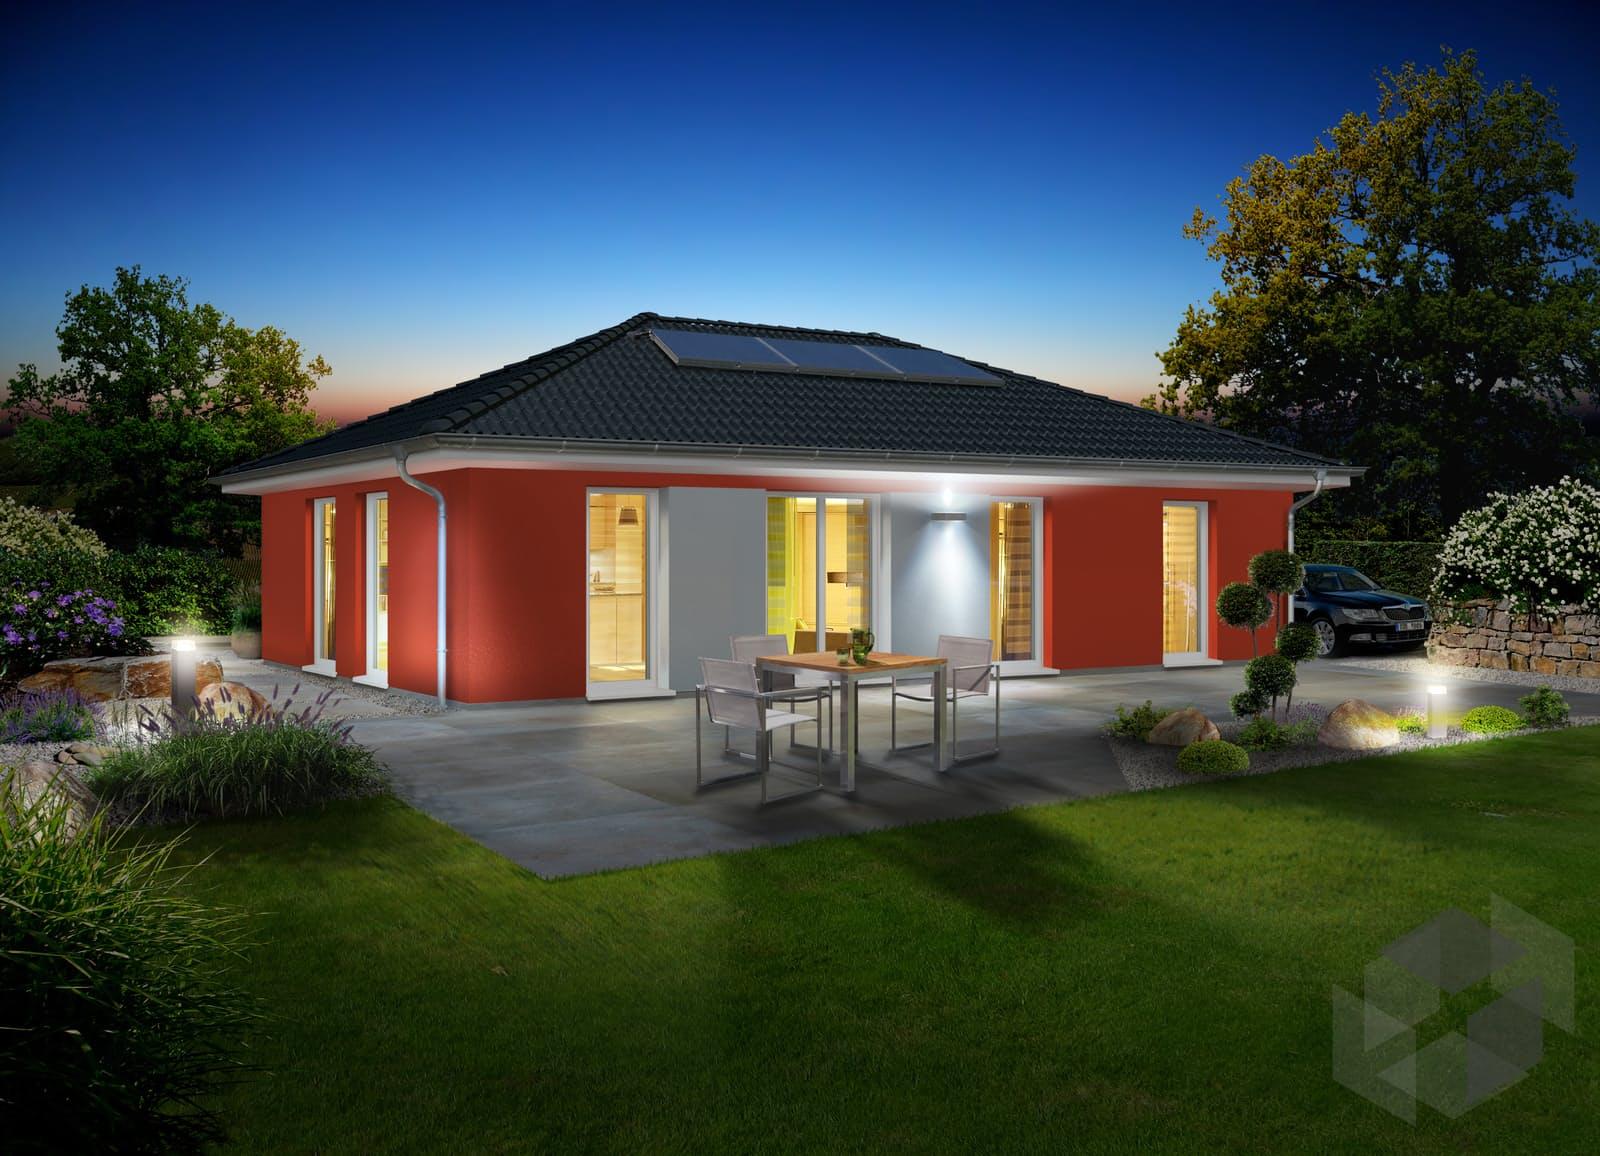 bungalow 110 von town country haus komplette daten bersicht. Black Bedroom Furniture Sets. Home Design Ideas